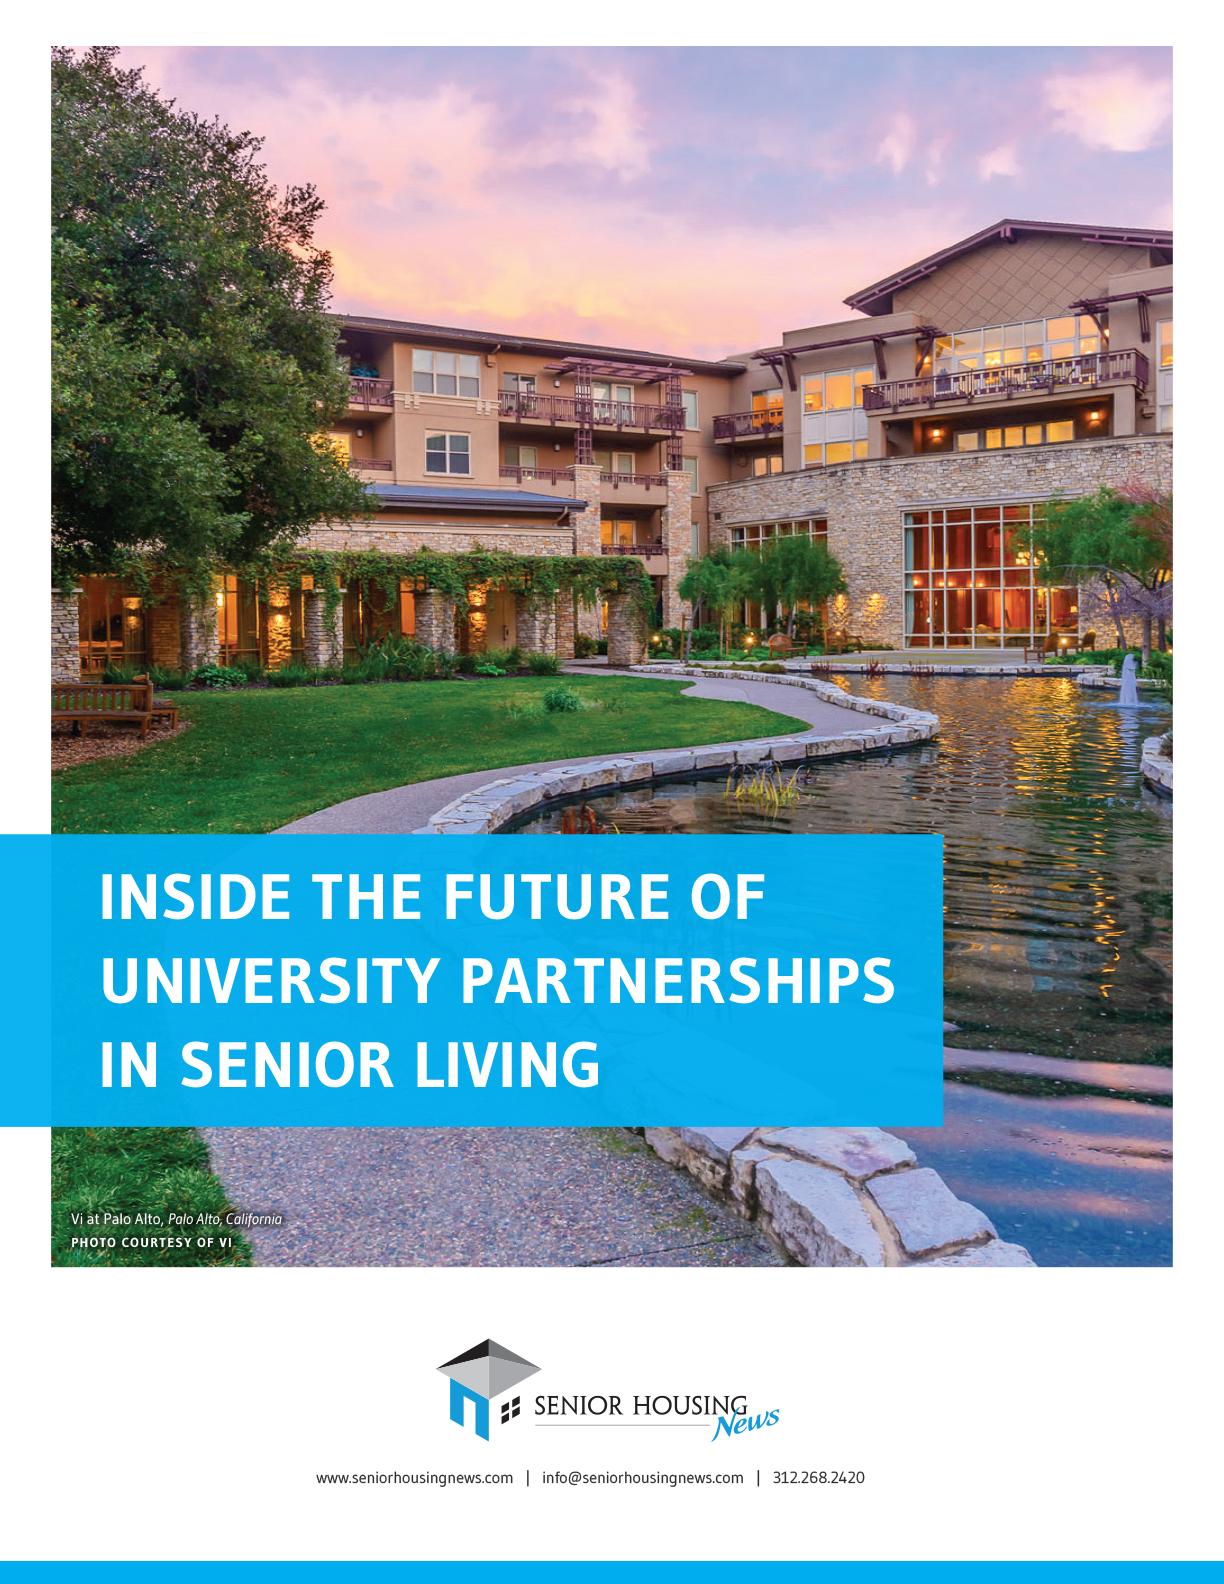 Inside The Future of University Partnerships In Senior Living